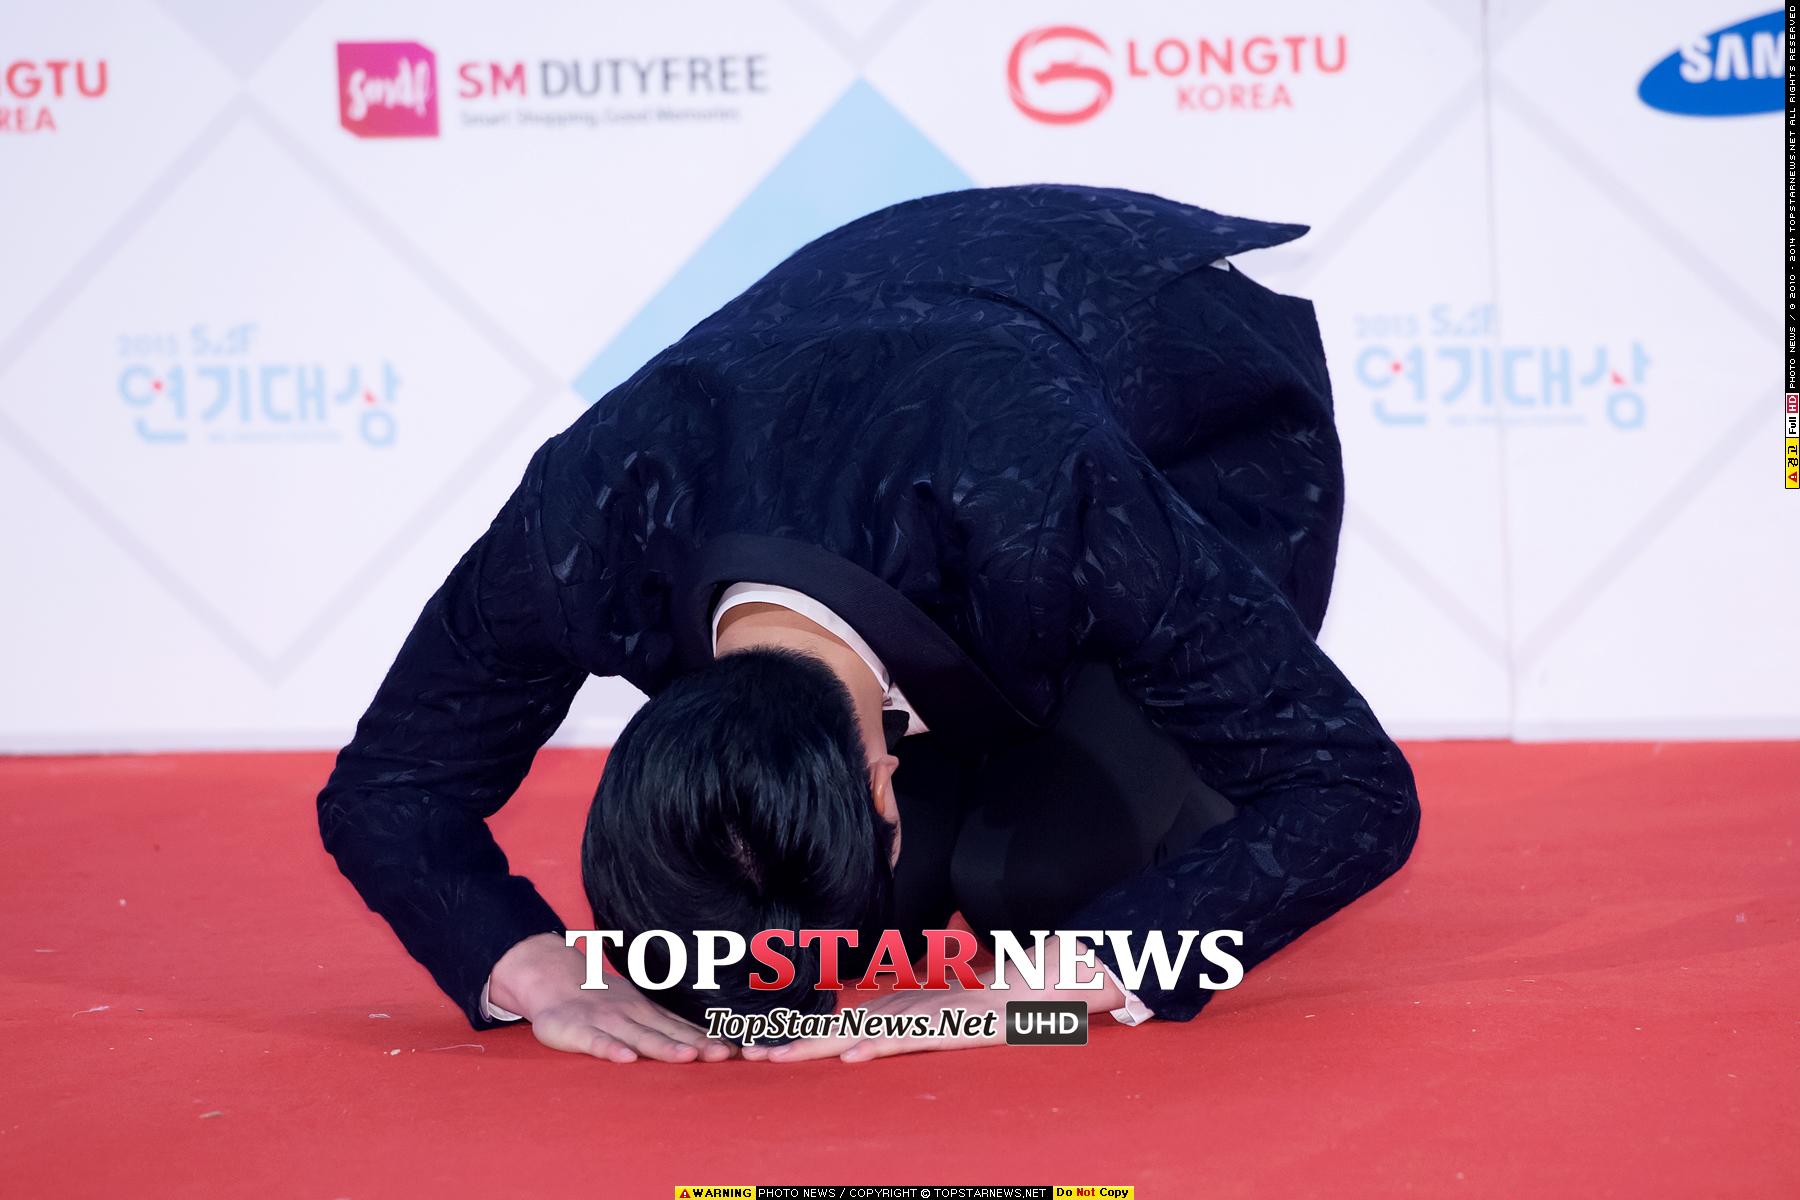 穿著西裝也還是要來個傳統韓式的問候啊 最後也趁這張圖 感謝大家2015年一整年對PIKICAST的支持 大家也新年快樂 也期待和大家一起迎接每一天的到來喔! 새해 복 많~~~~~이 받으세요!  m(_ _)m